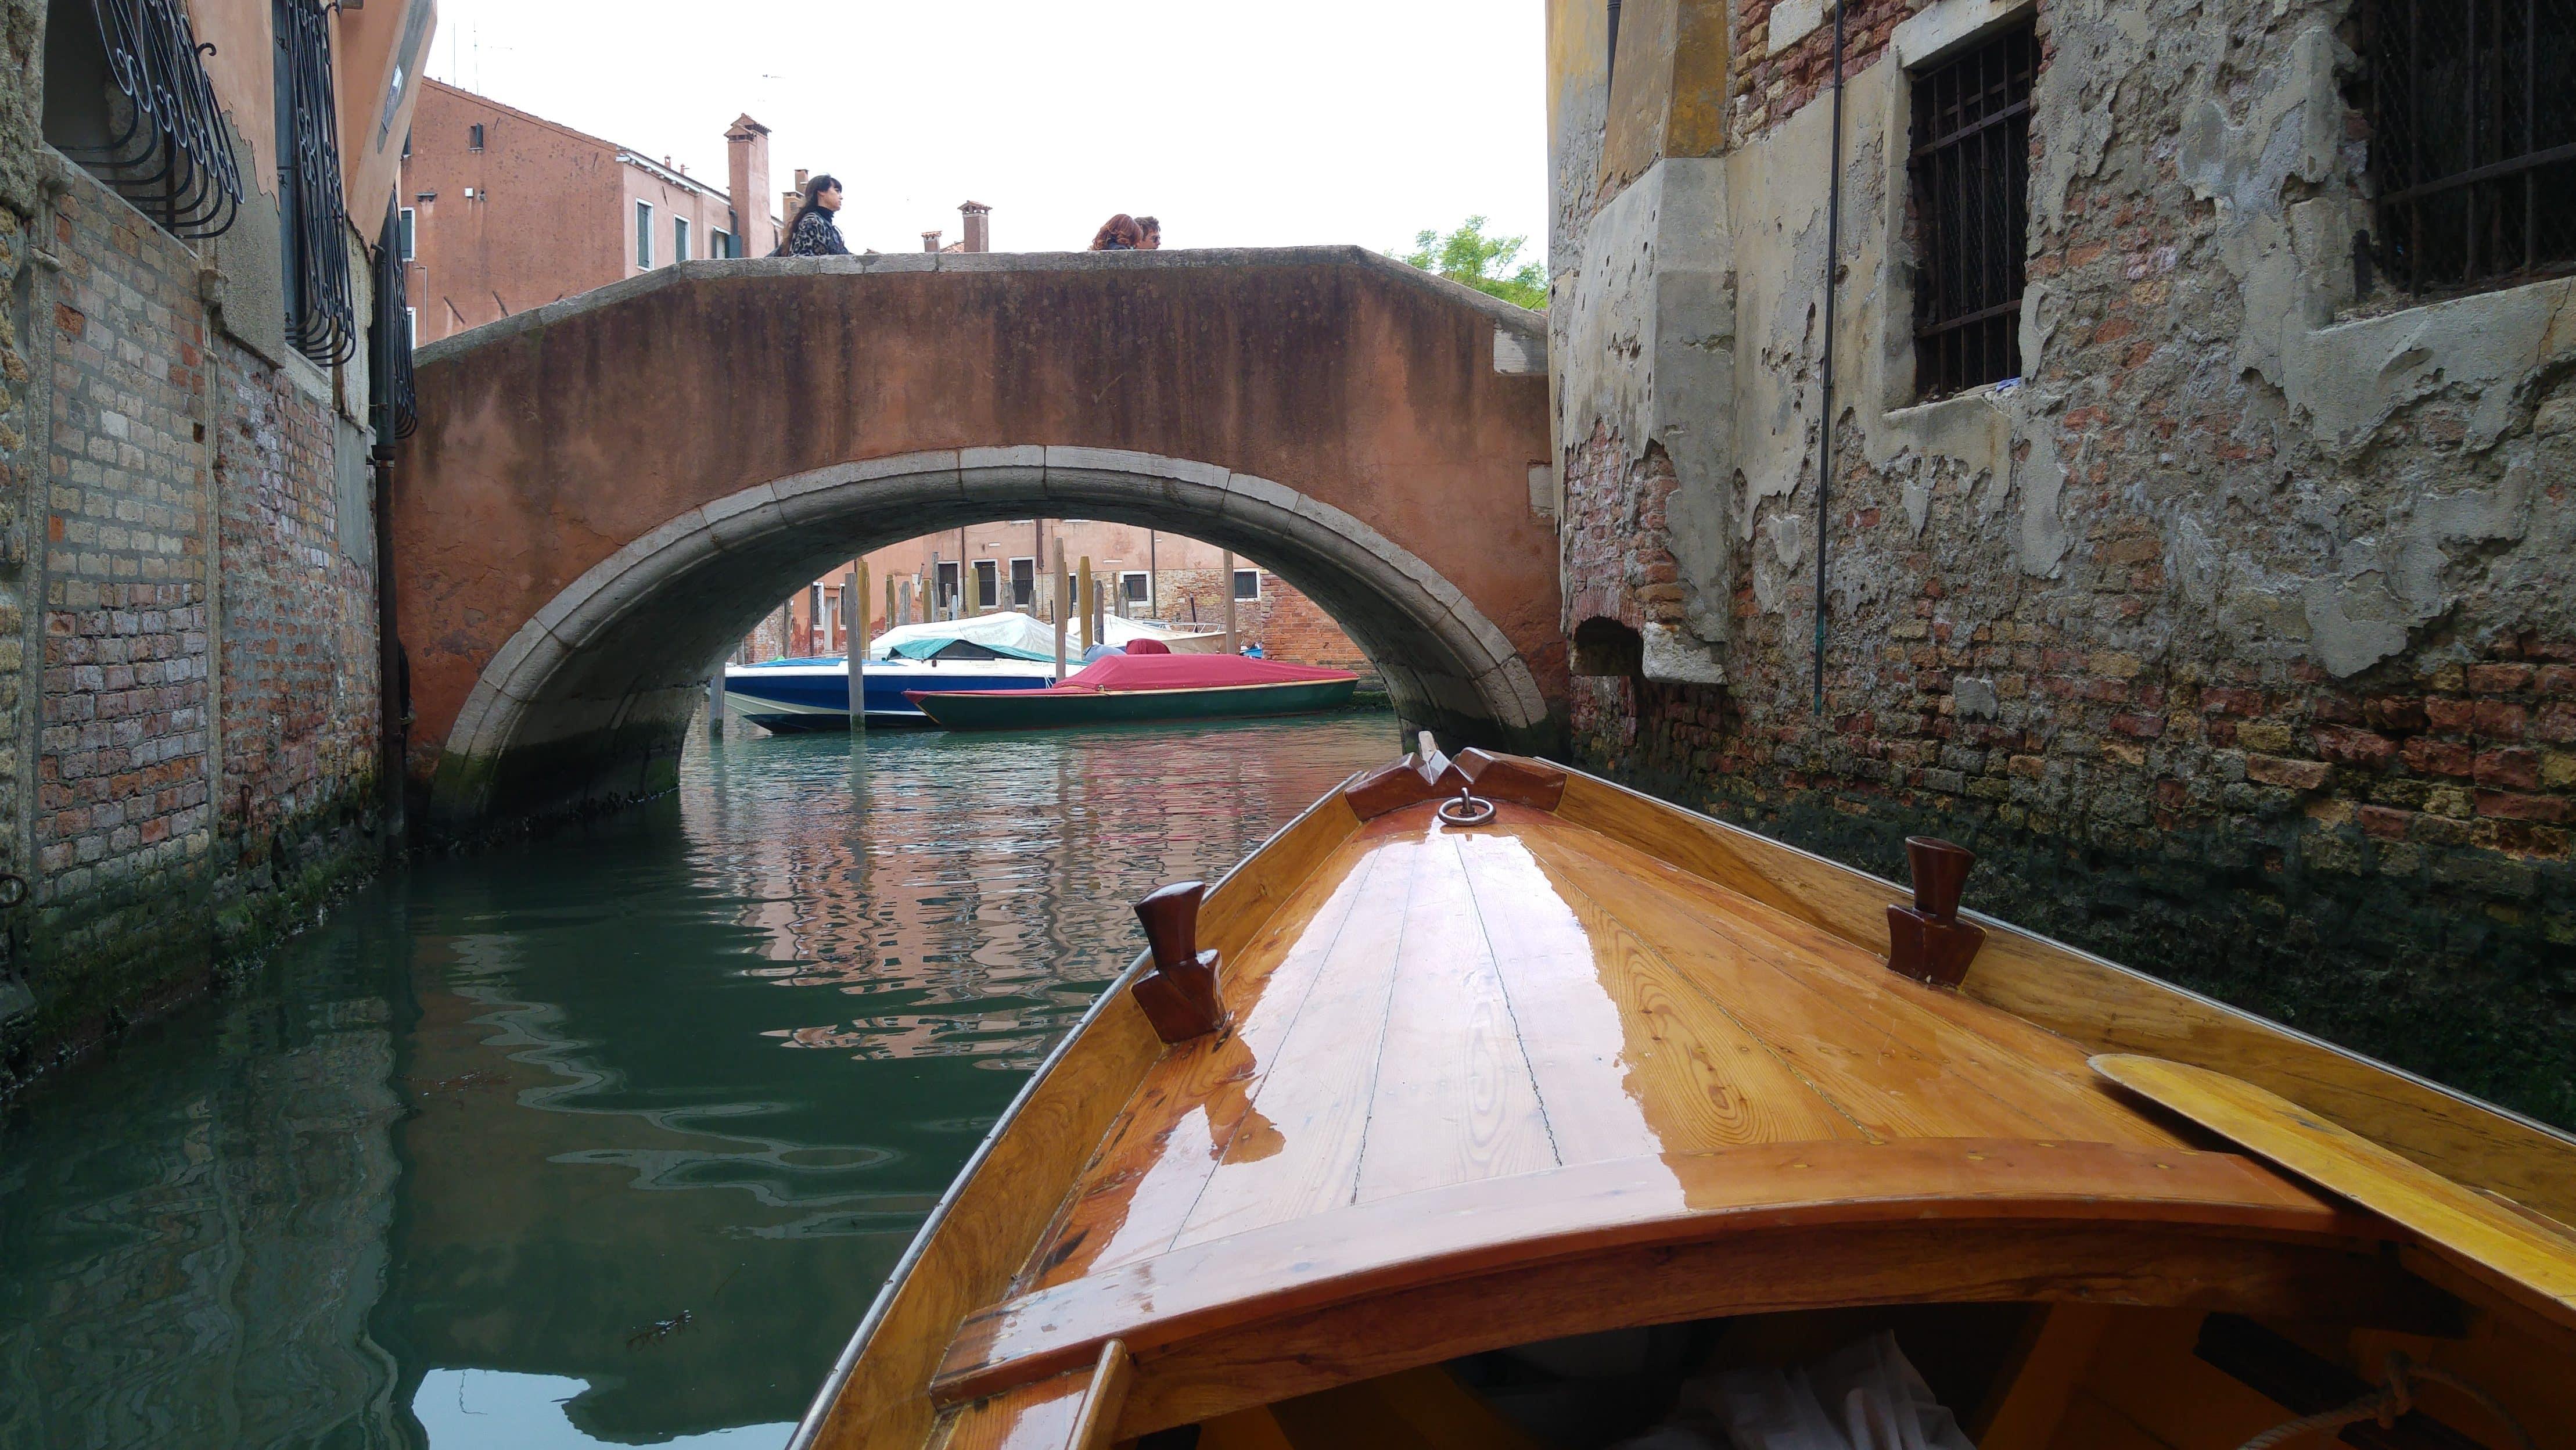 vogare tra i canali deserti della città di venezia in barca